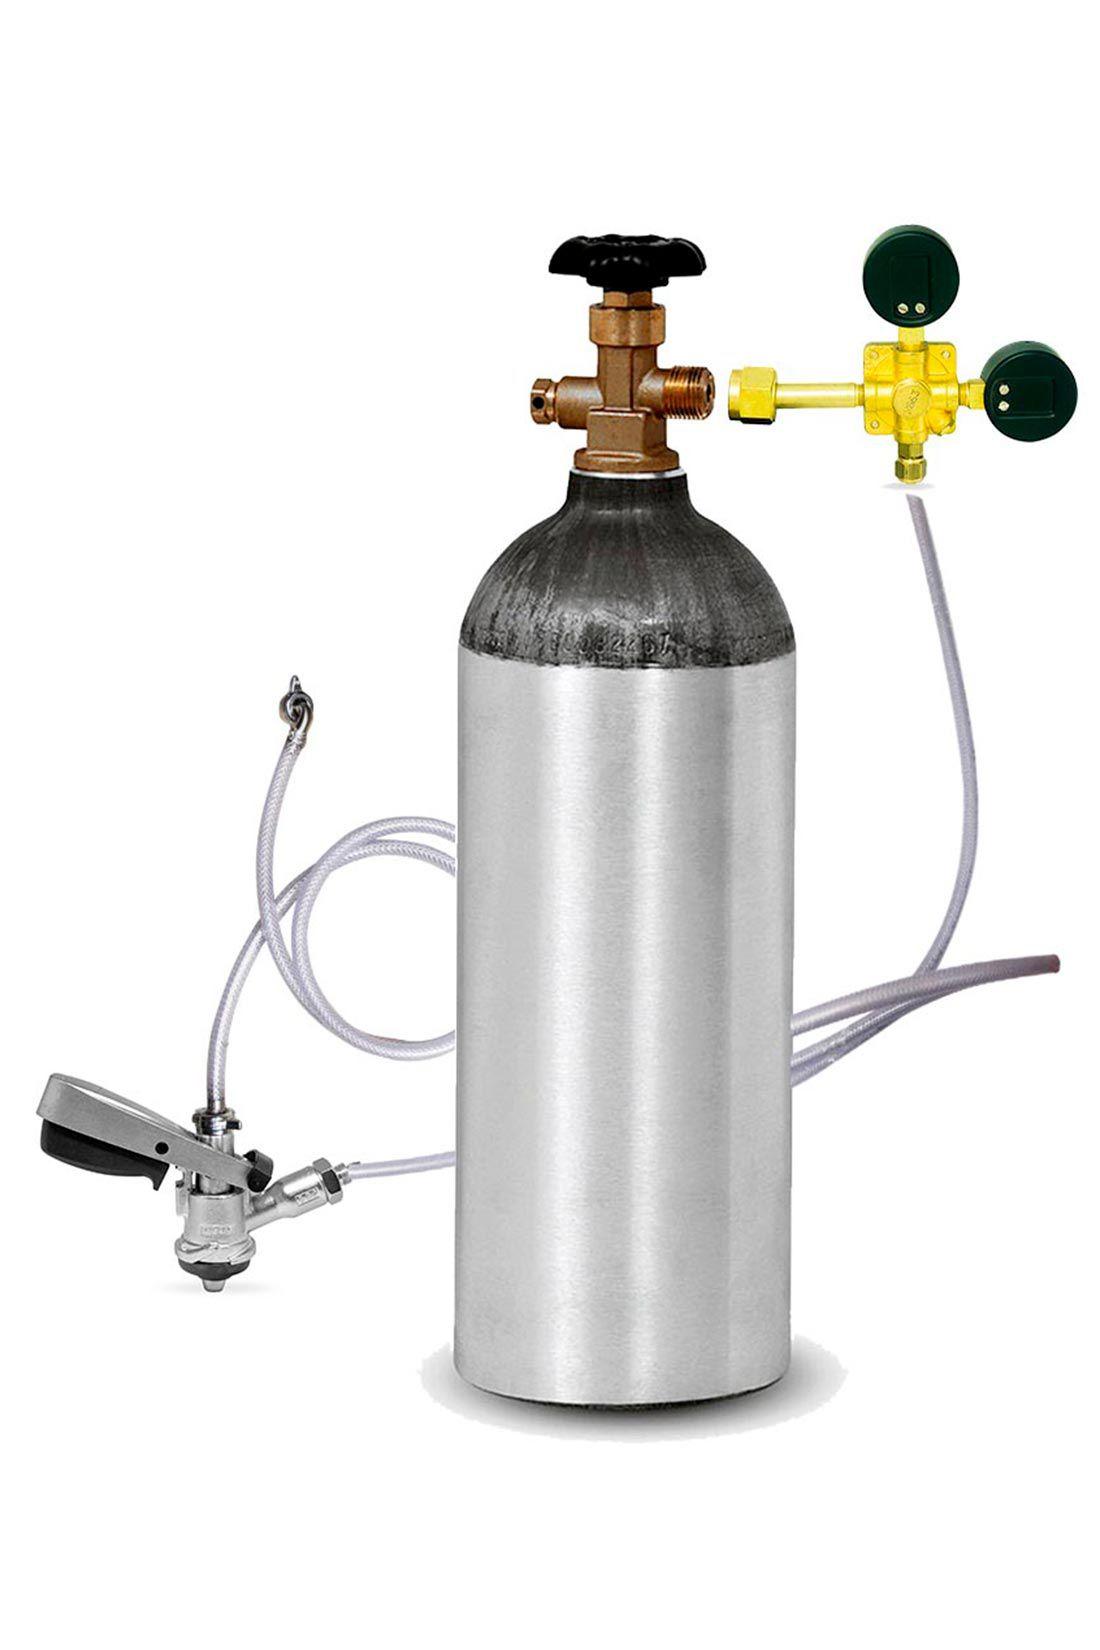 Kit de extração de chopp